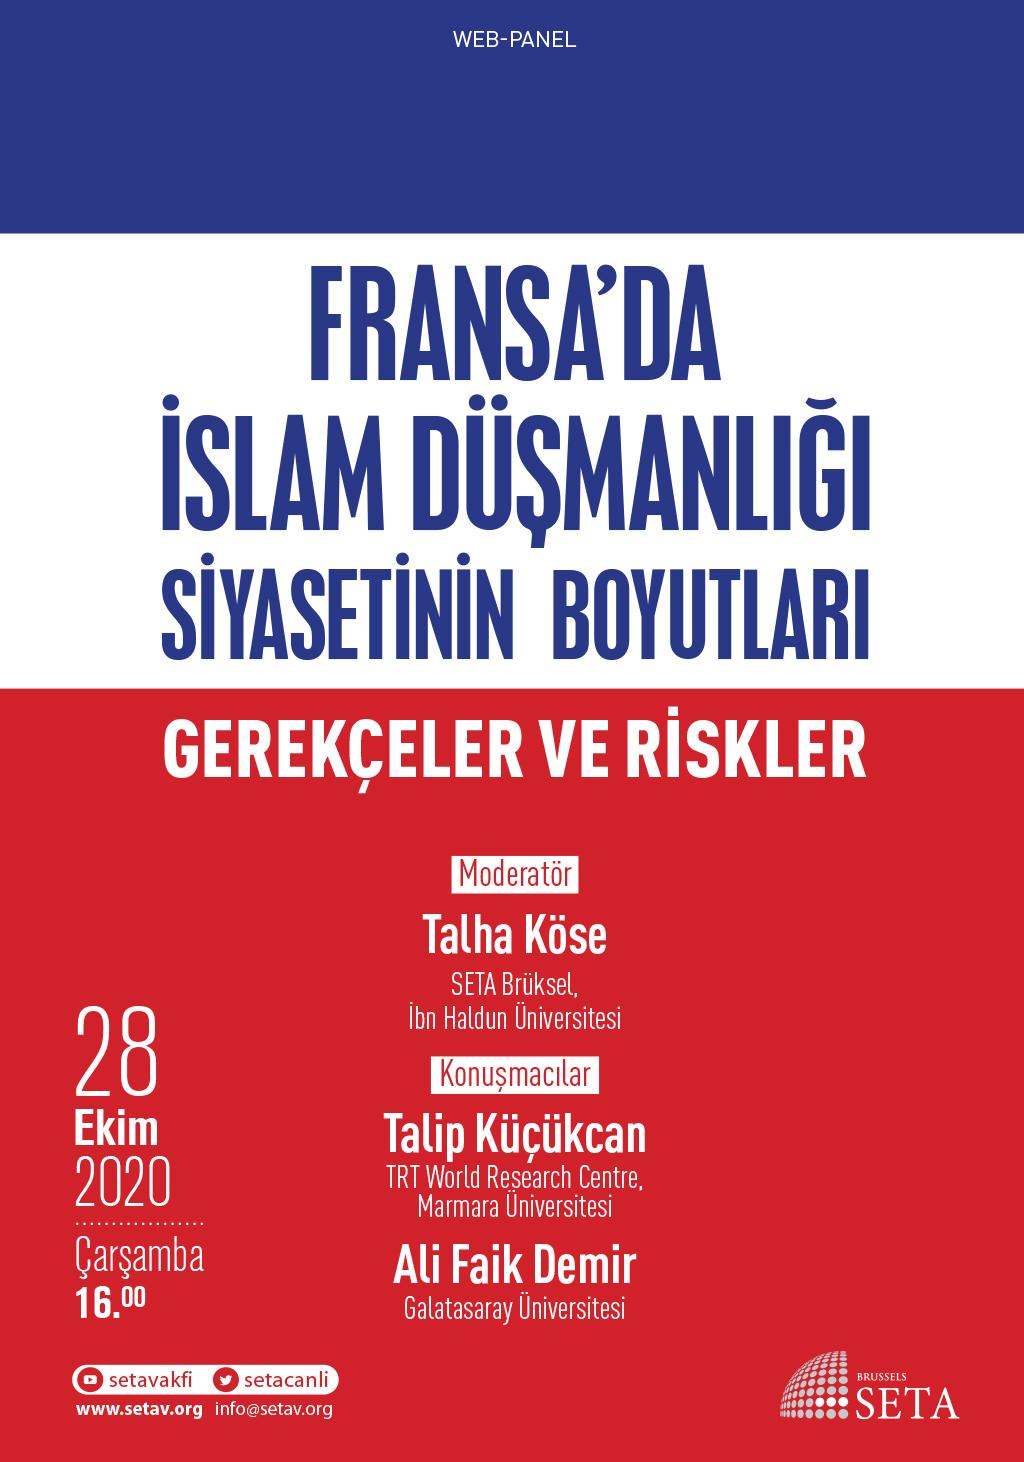 Web Panel: Fransa'da İslam Düşmanlığı Siyasetinin Boyutları | Gerçekler ve Riskler